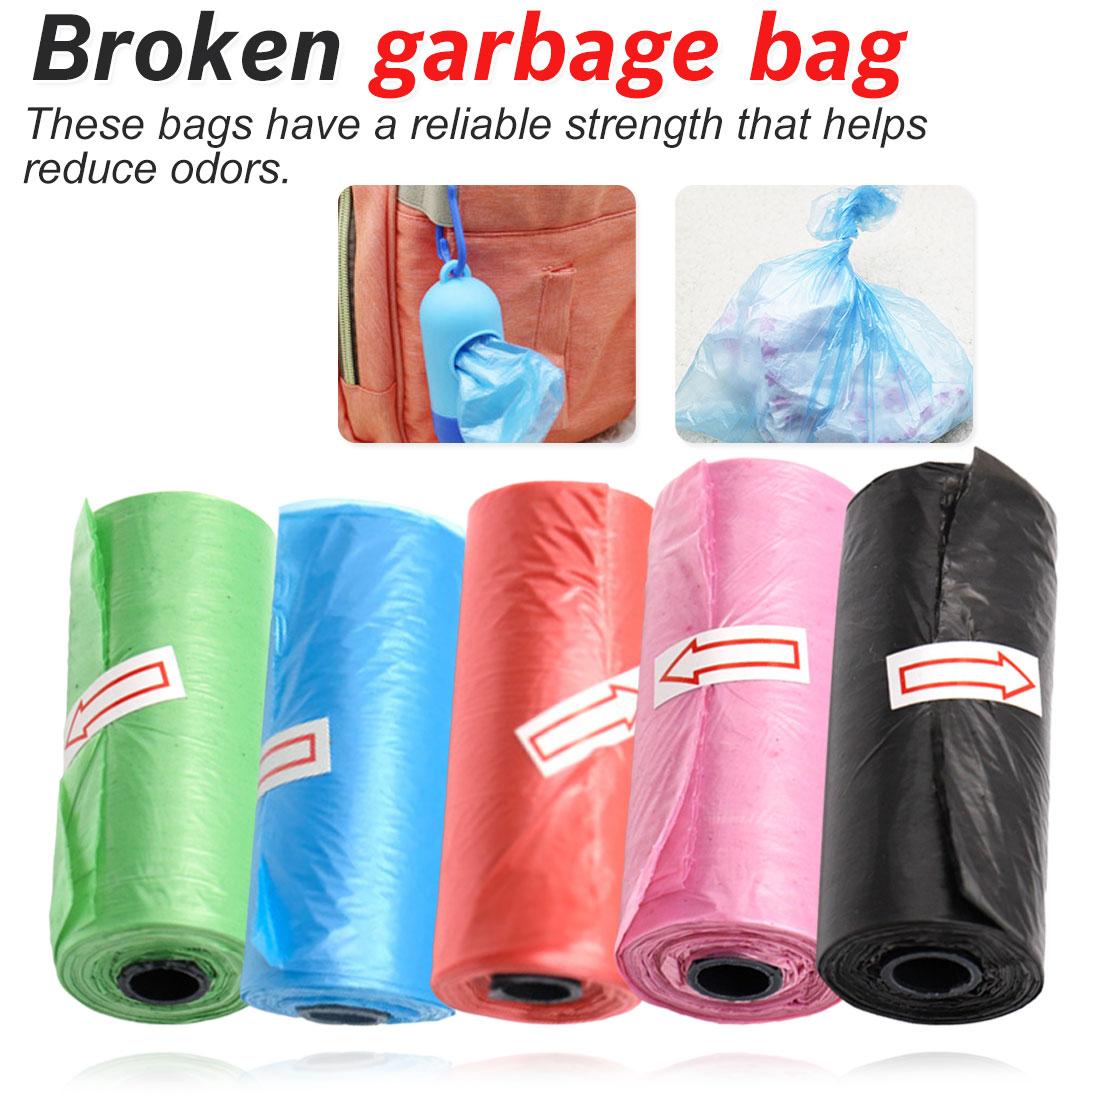 waste-garbage-bags-pet-dog-infant-baby-poop-bag-practical-poop-bags-holder-pets-trash-cleaning-supplies-baby-diaper-bag